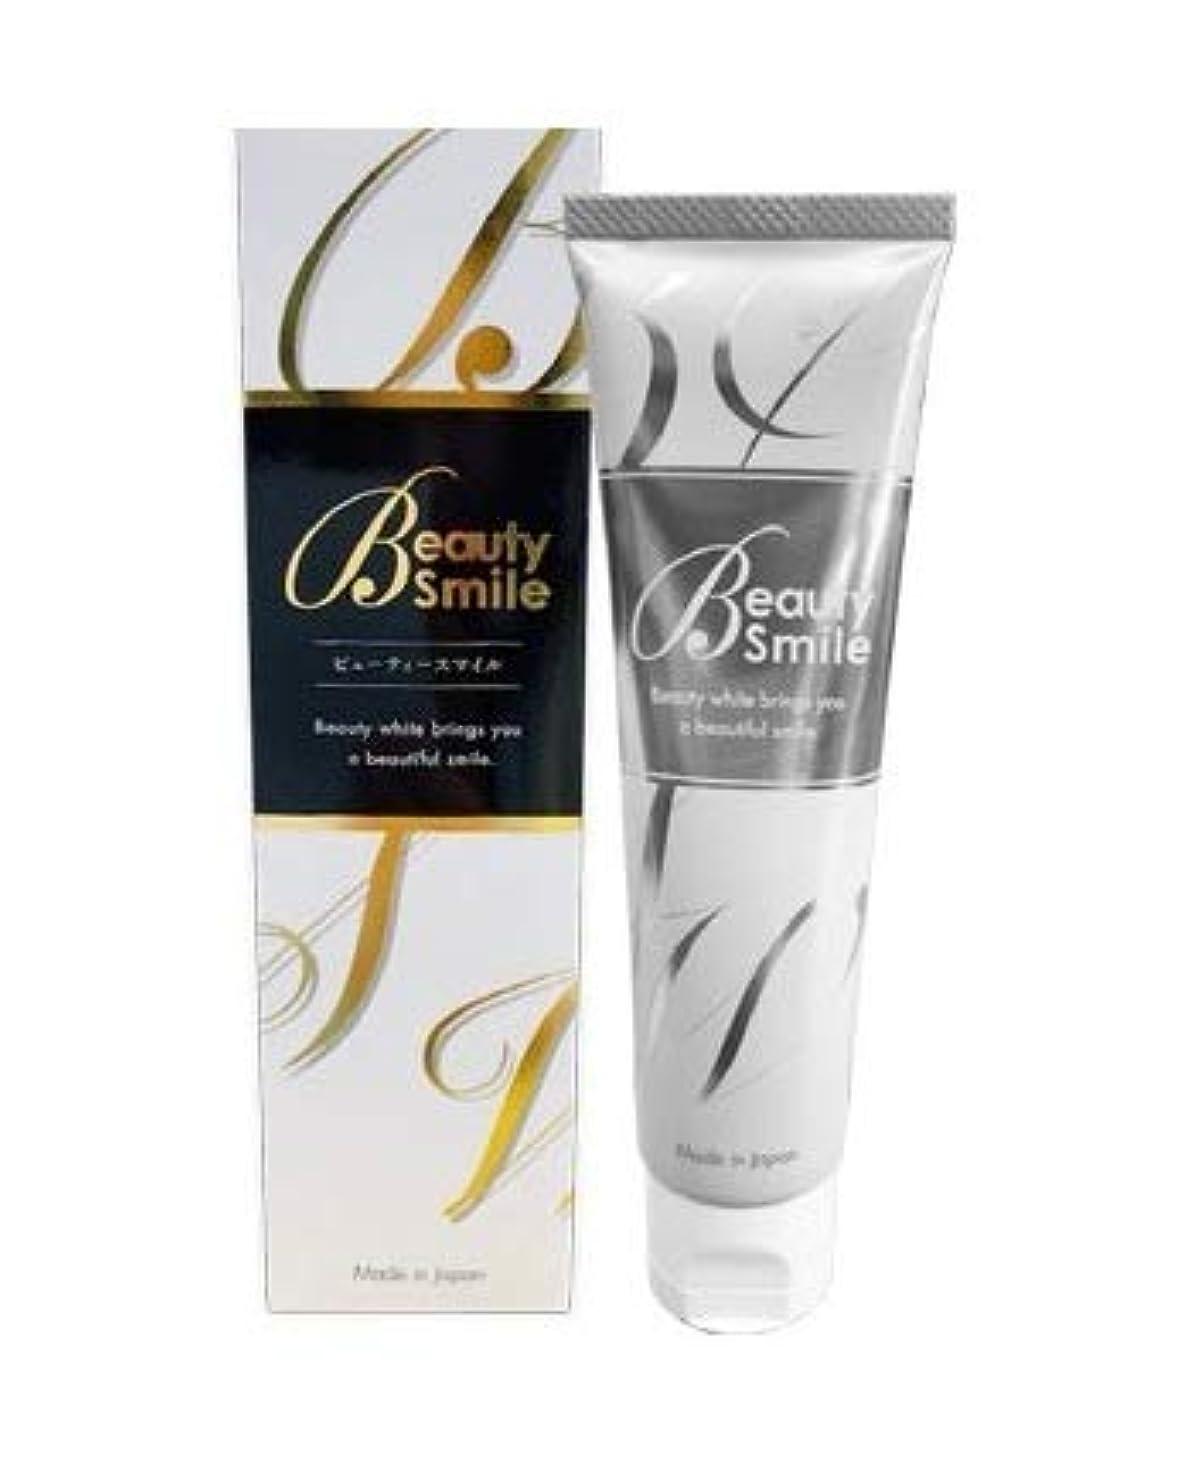 夜明けに風刺旅客Beauty Smile ホワイトニング歯みがき粉 90g 天然性由来成分98%使用